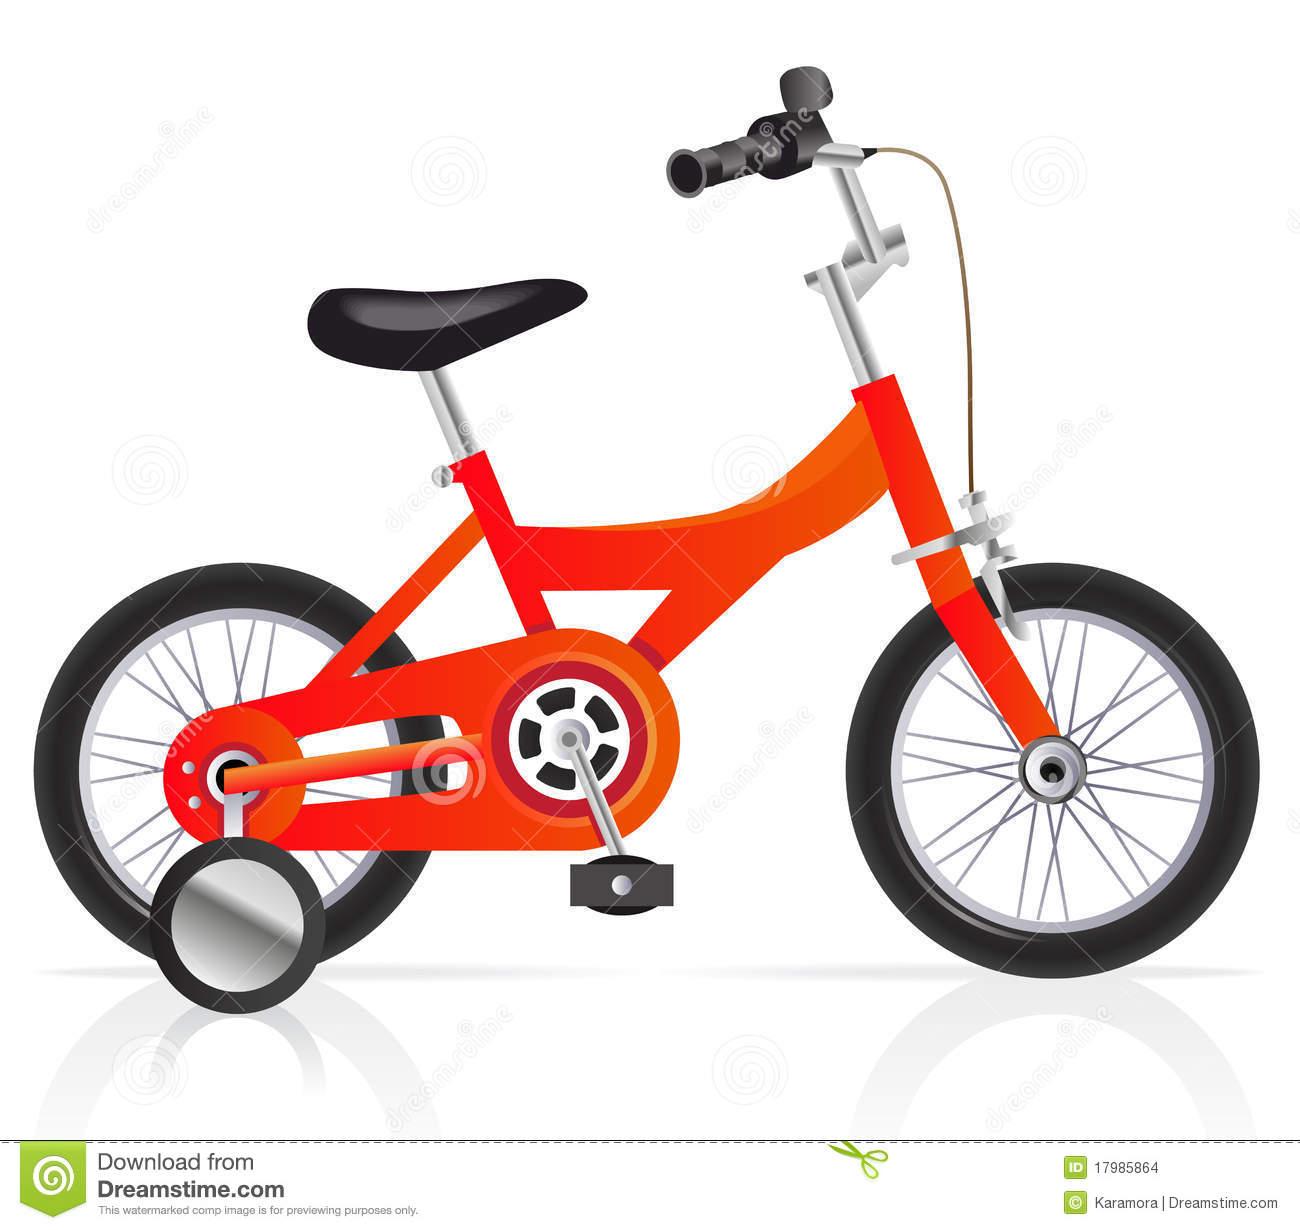 Childrens bike clipart.